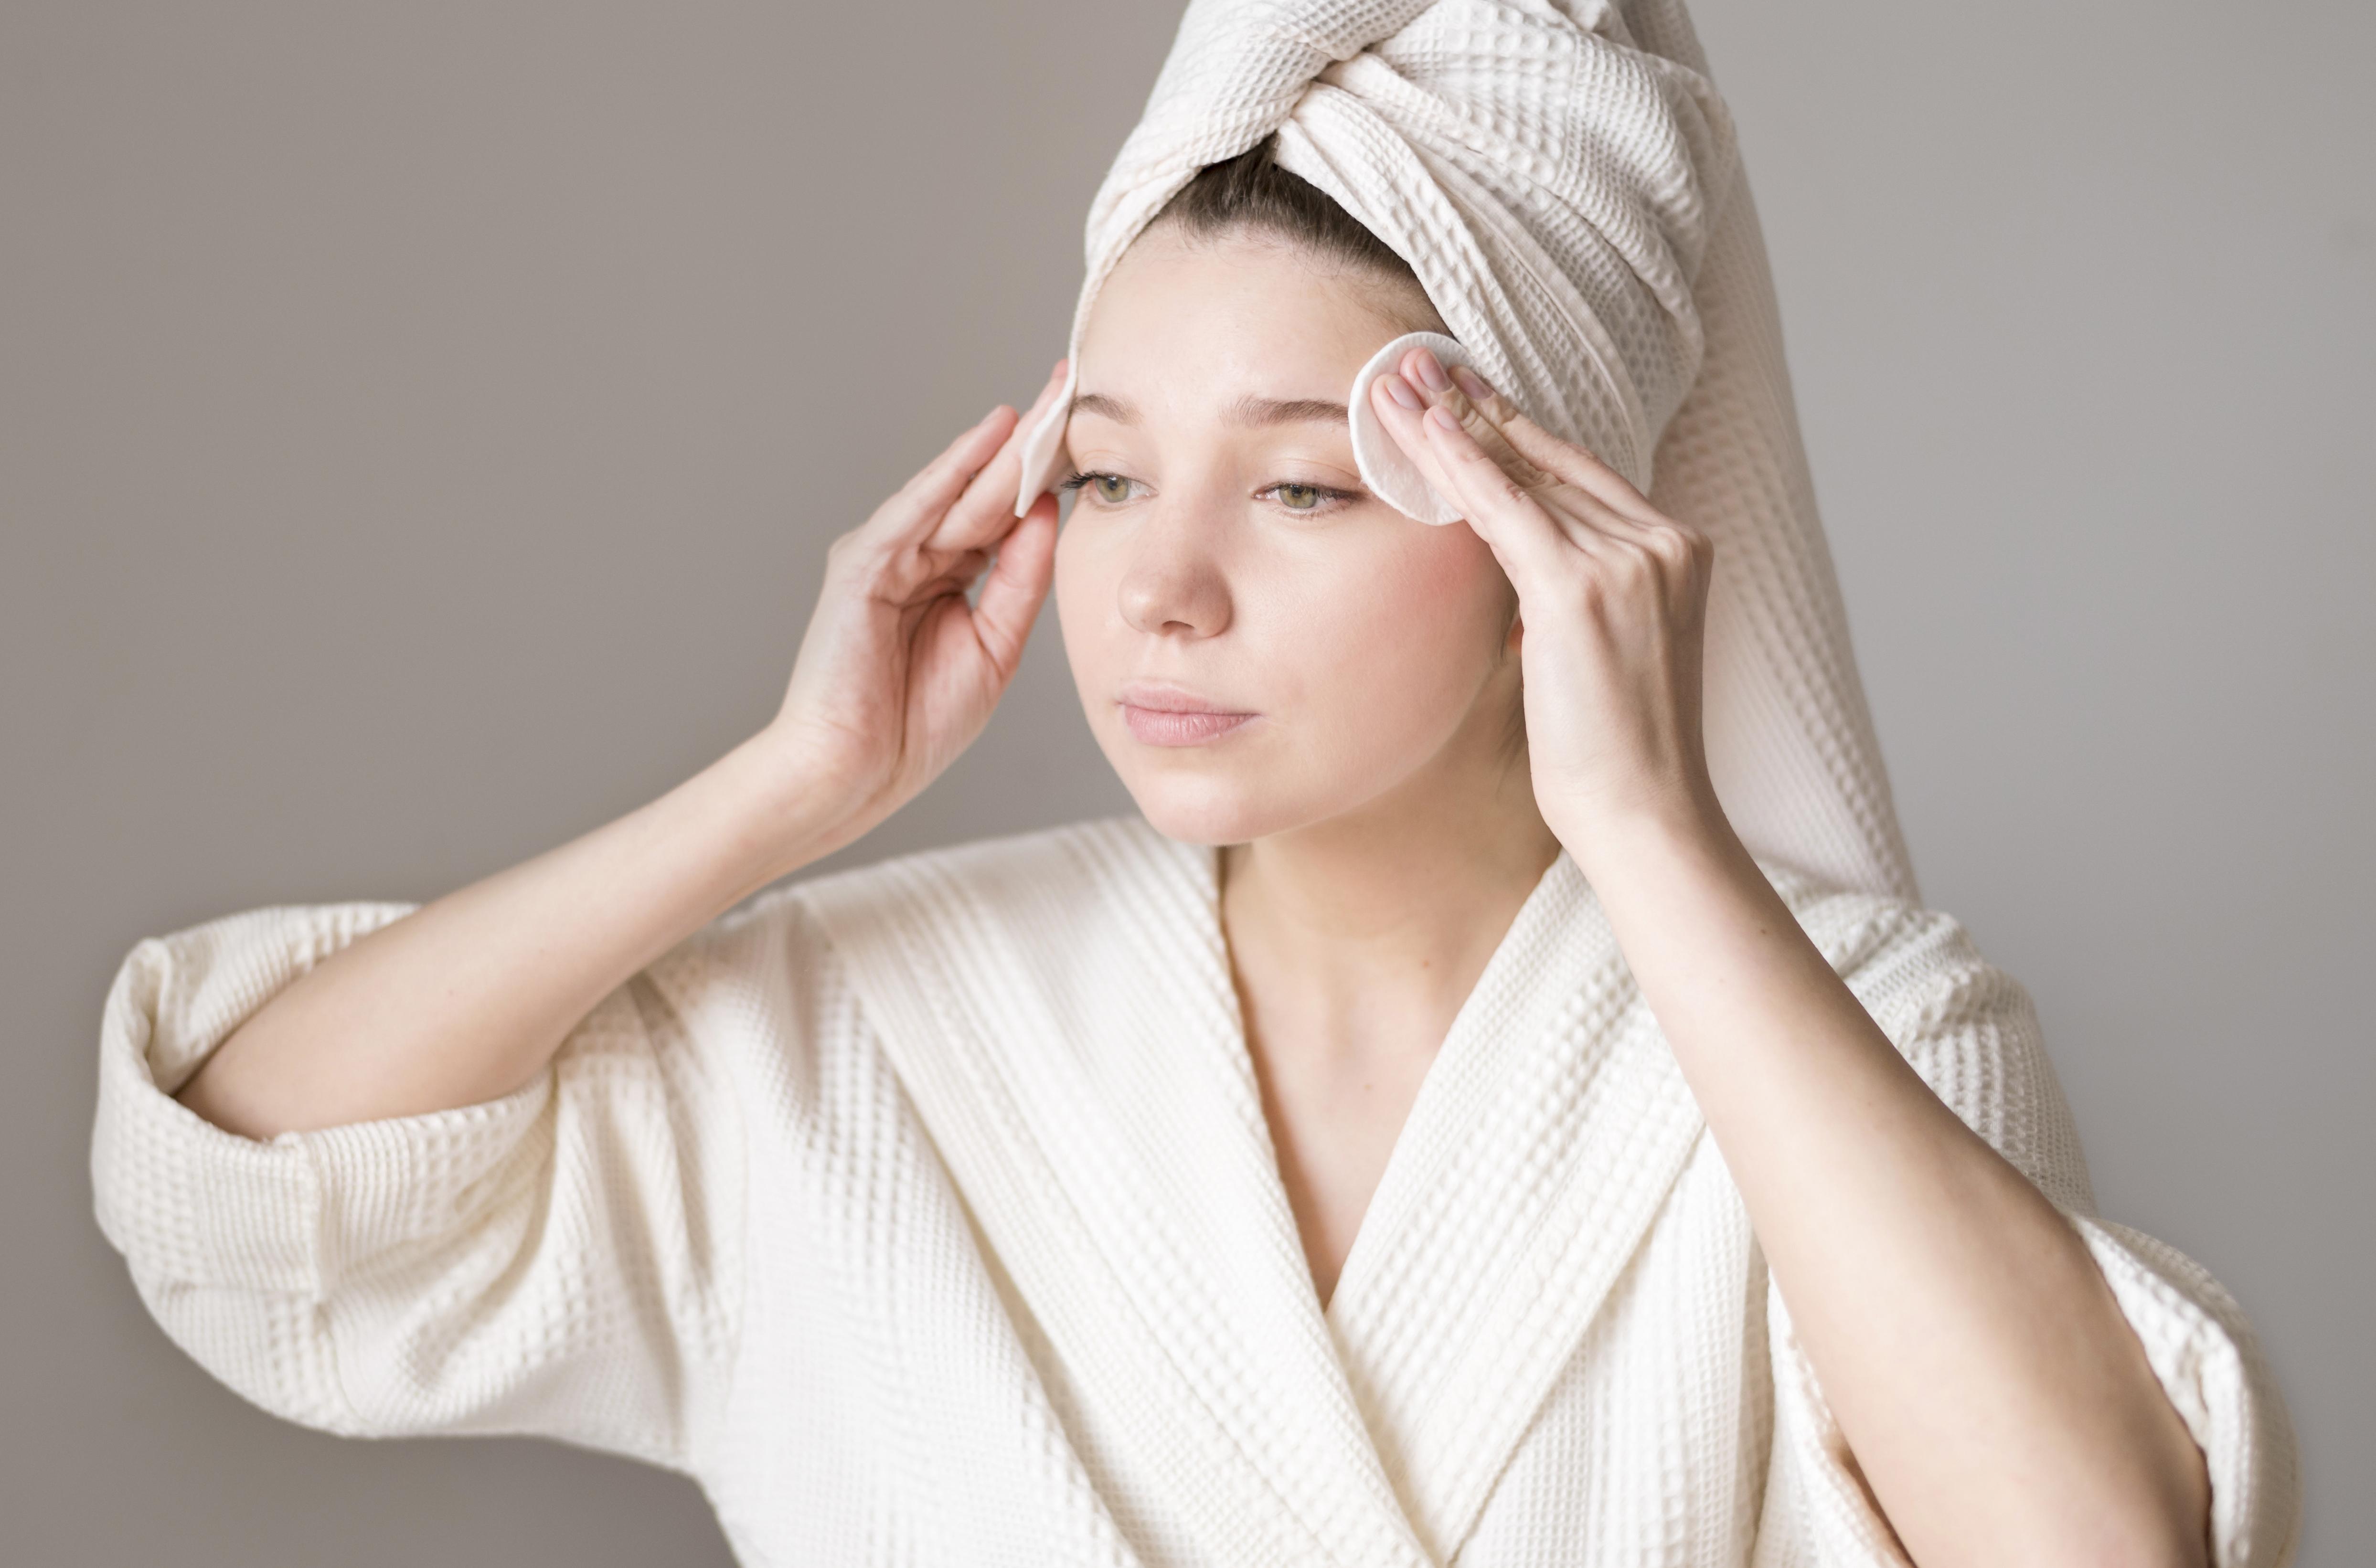 Consejos básicos para cuidar tu piel